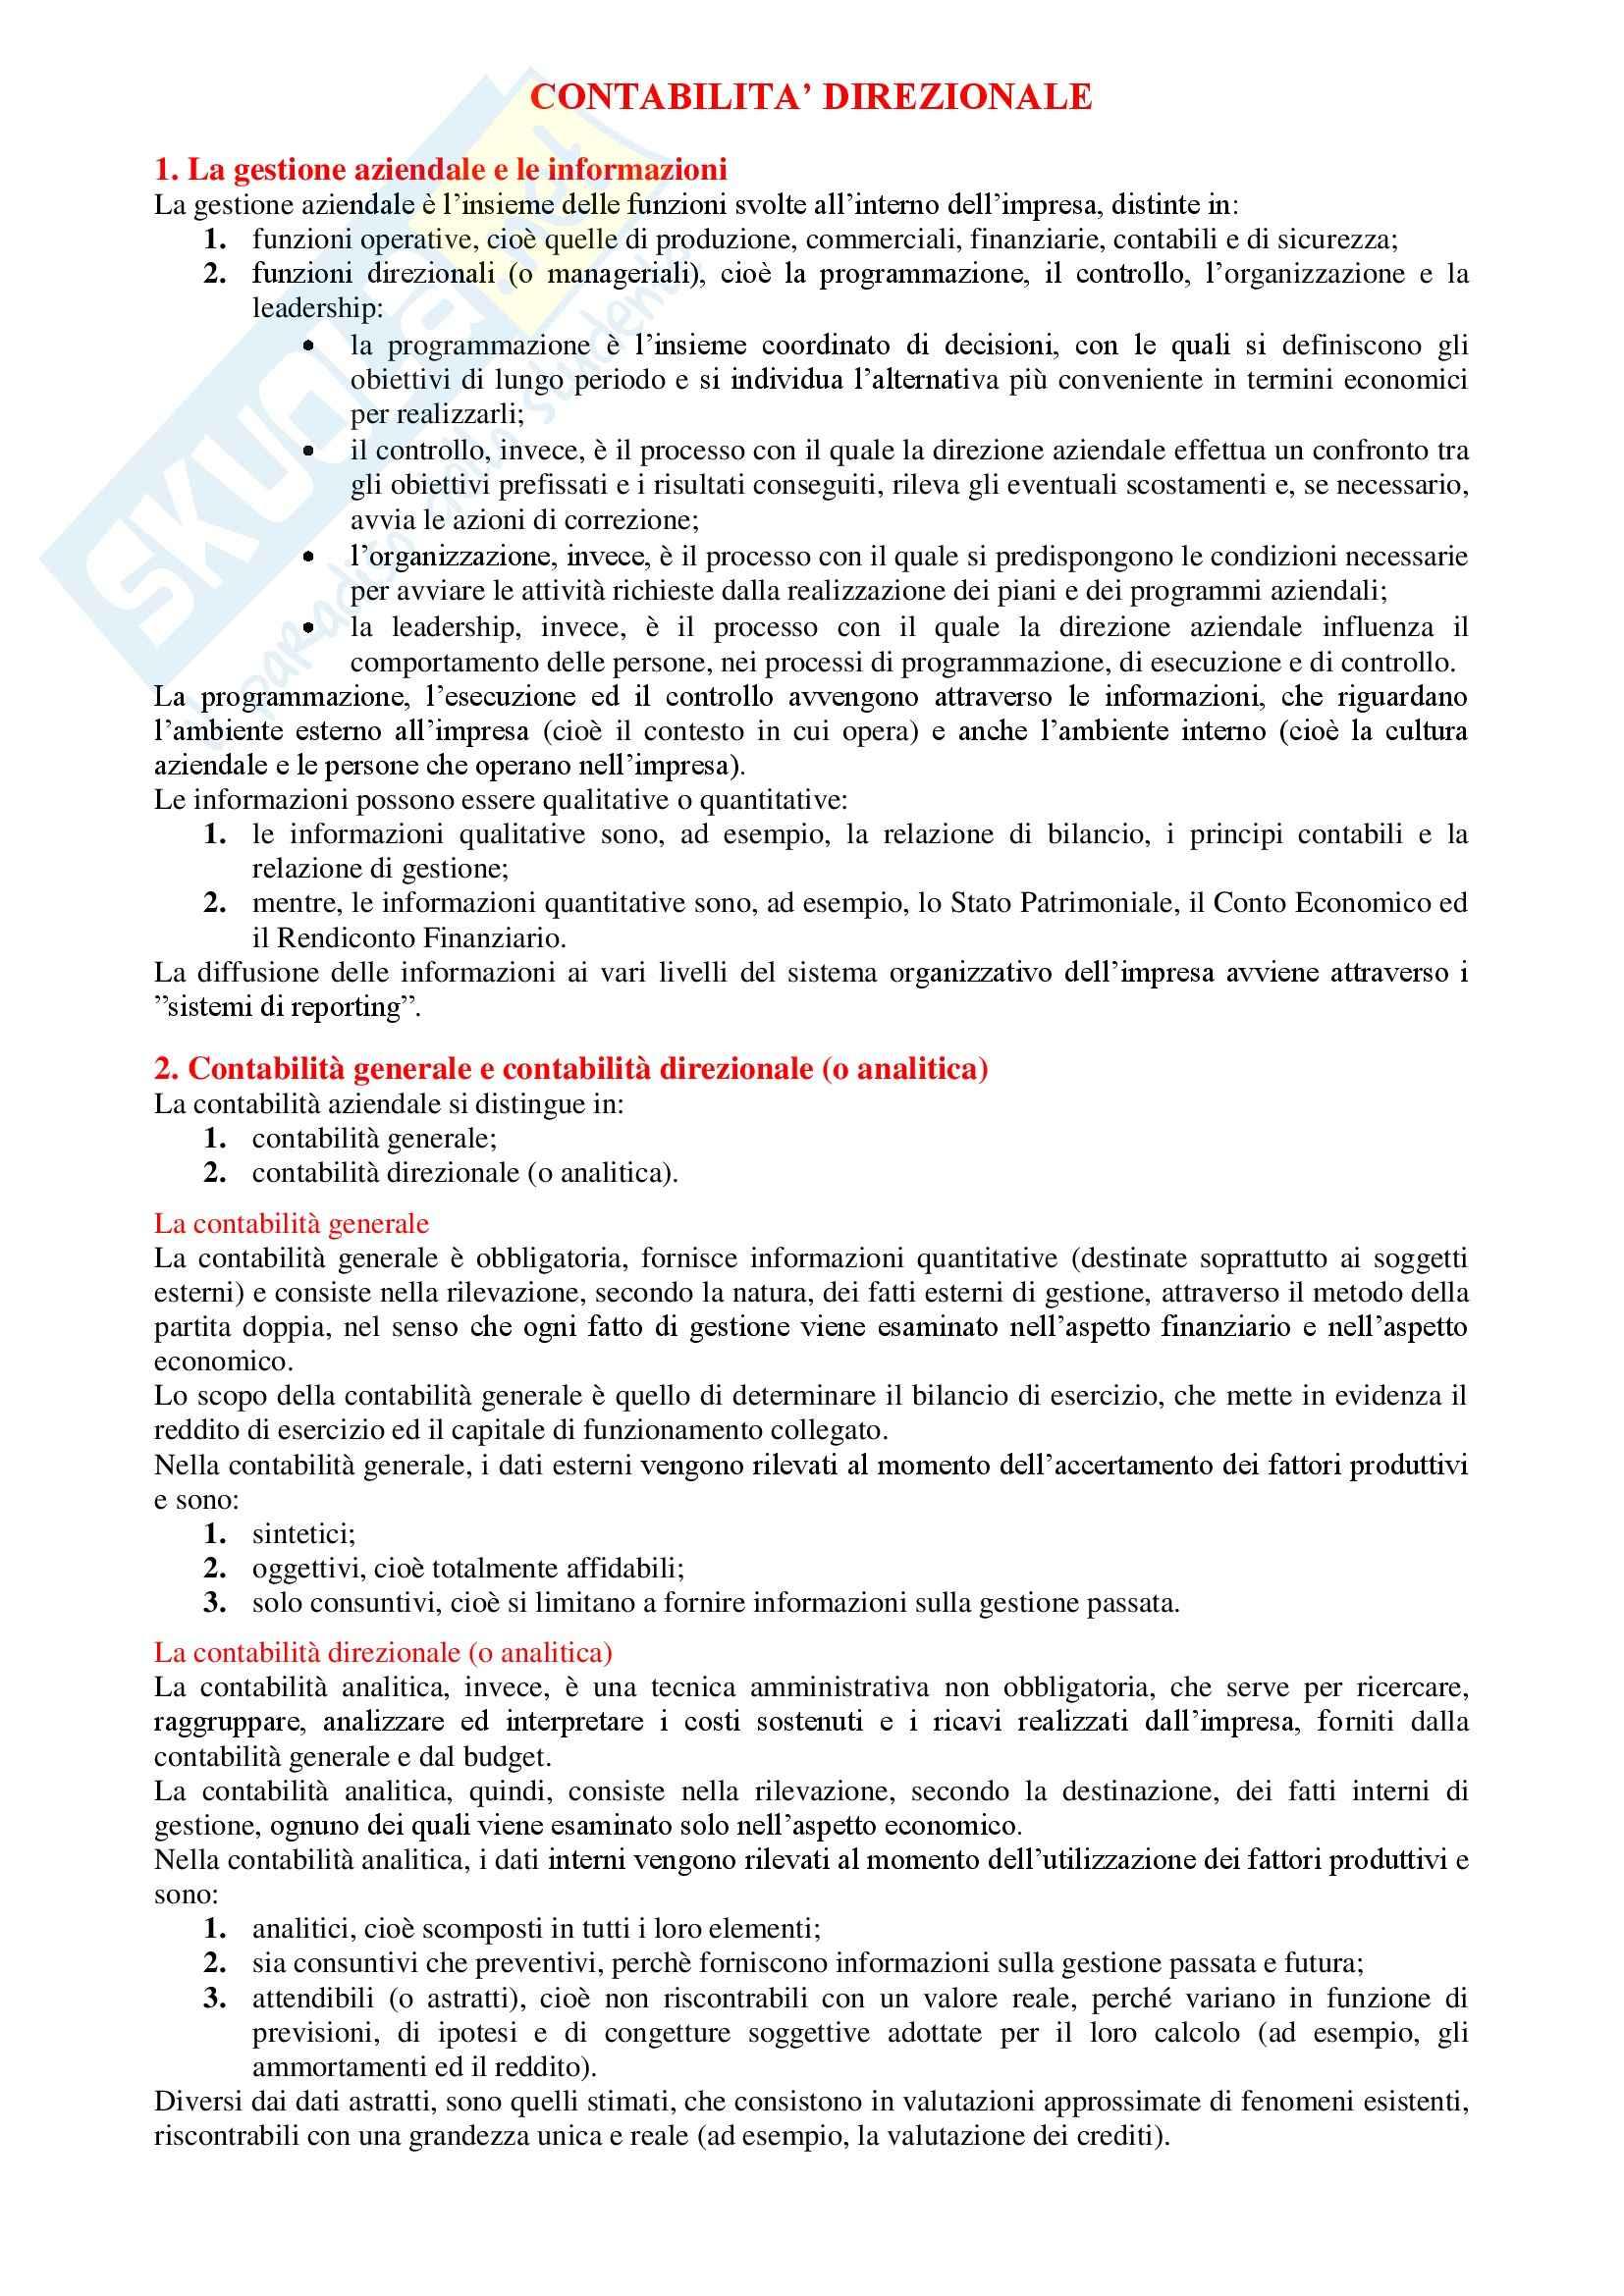 Contabilità generale e analitica - Riassunto esame tutto il programma, prof. Verdini